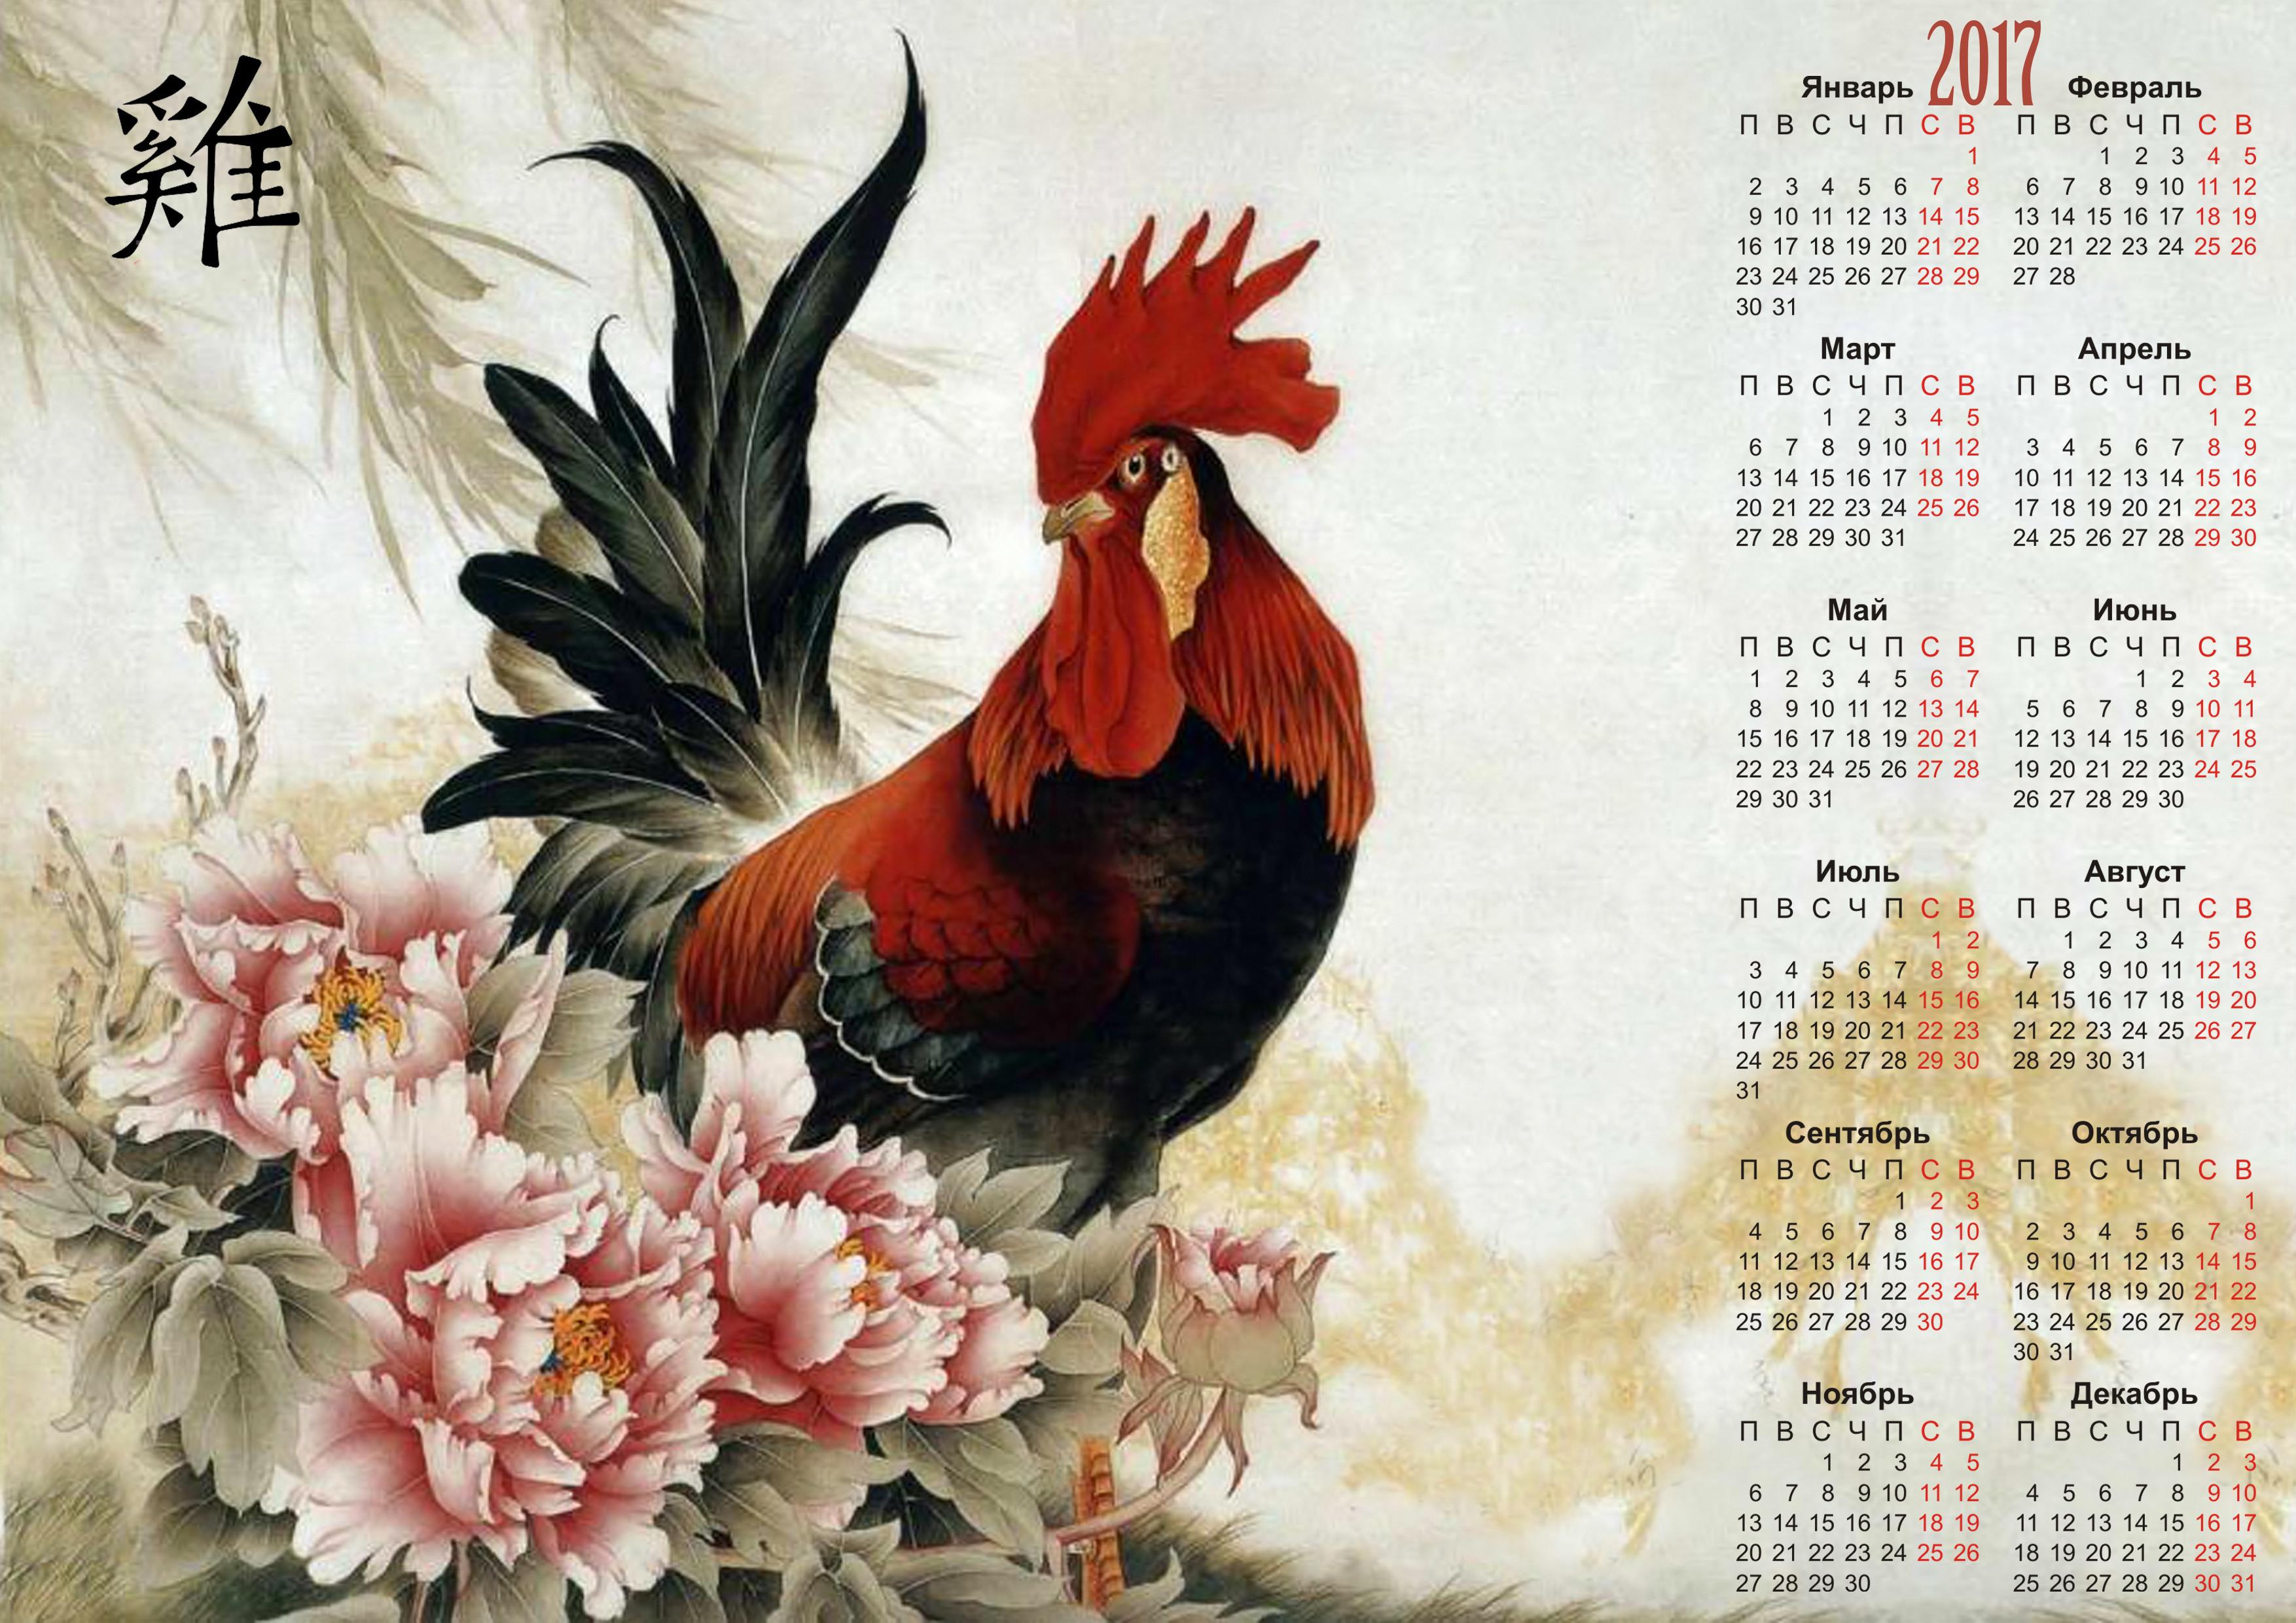 обои Календарь на 2017 год, Год Красного Огненного Петуха, Календарь на 2017 год Год Красного Огненного Петуха, Календарь настенный на 2017 год Огненный петух картинки фото